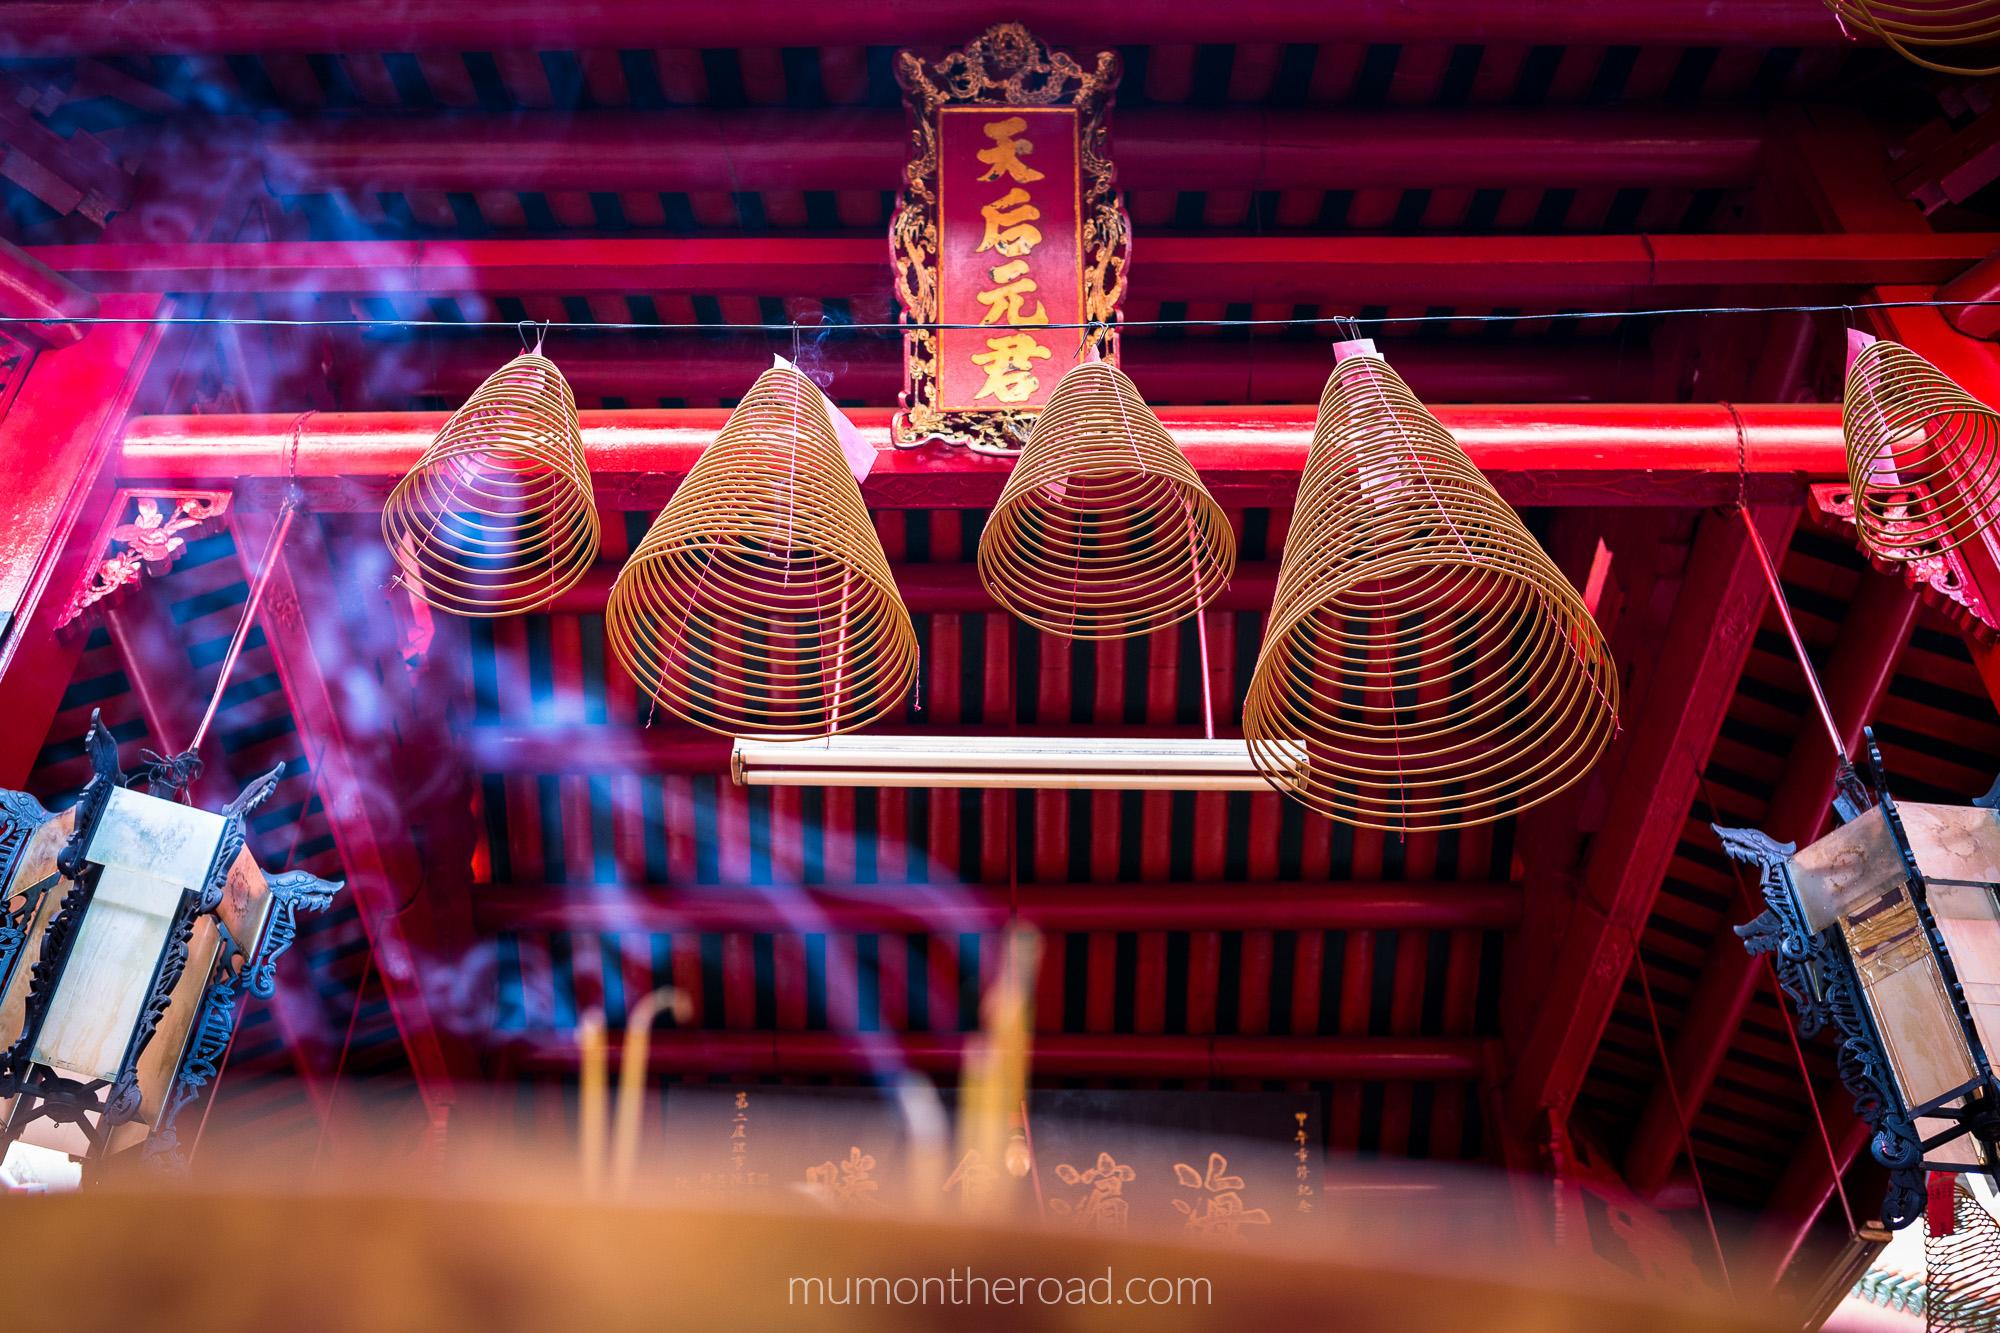 Encens qui brûle dans la pagode Thien Hau du quartier Cholon de Saigon au Vietnam